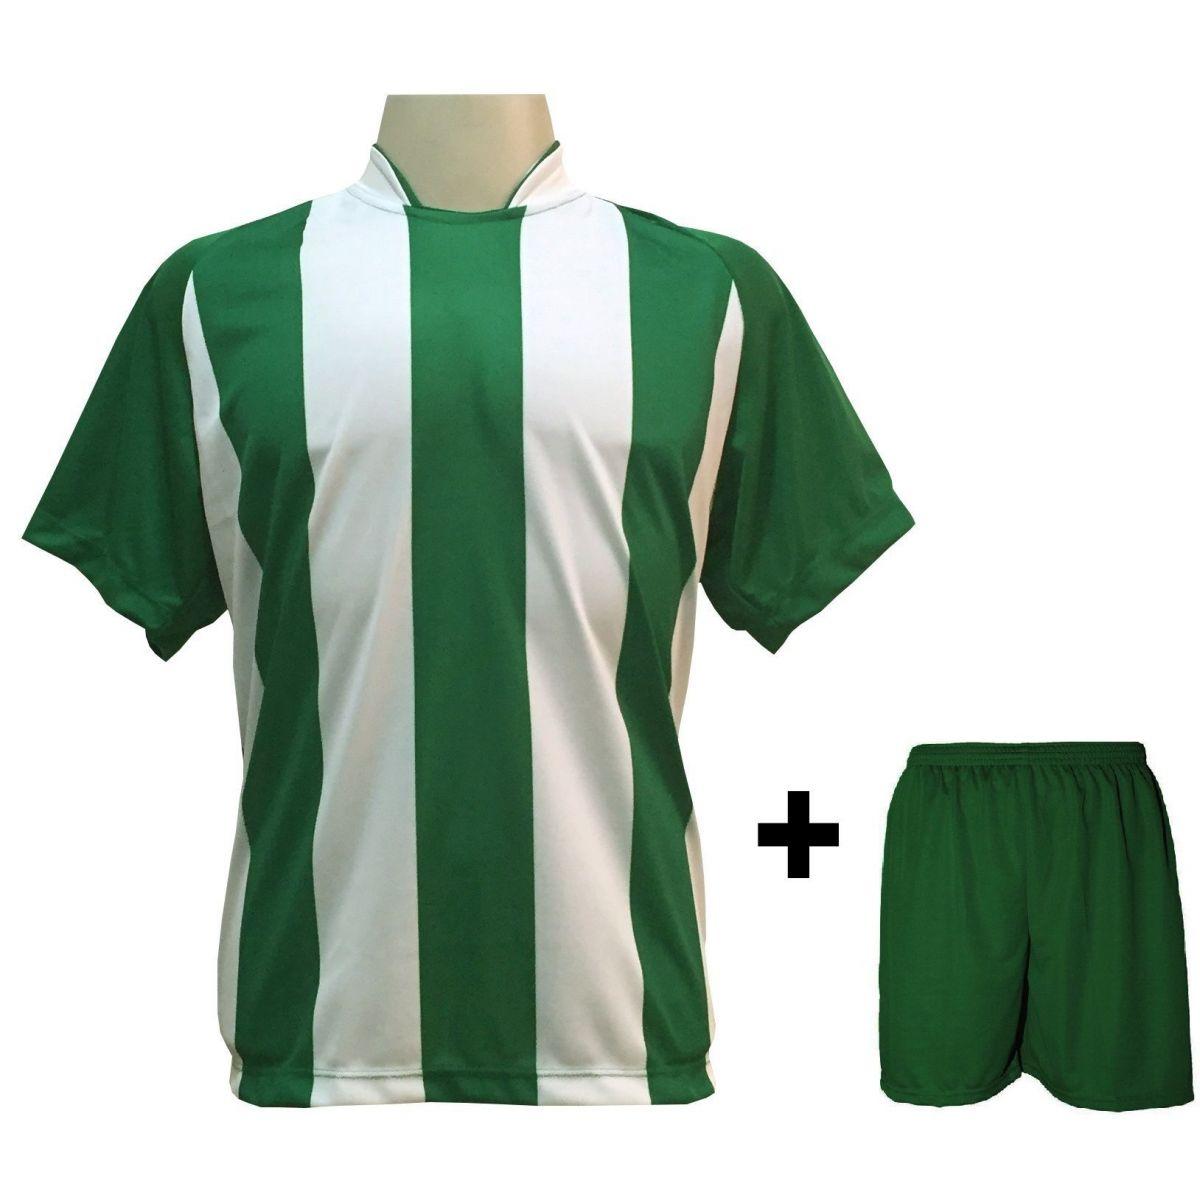 b84c5e622 Uniforme Esportivo com 20 camisas modelo Milan Verde Branco + 20 calções  modelo Madrid + ...